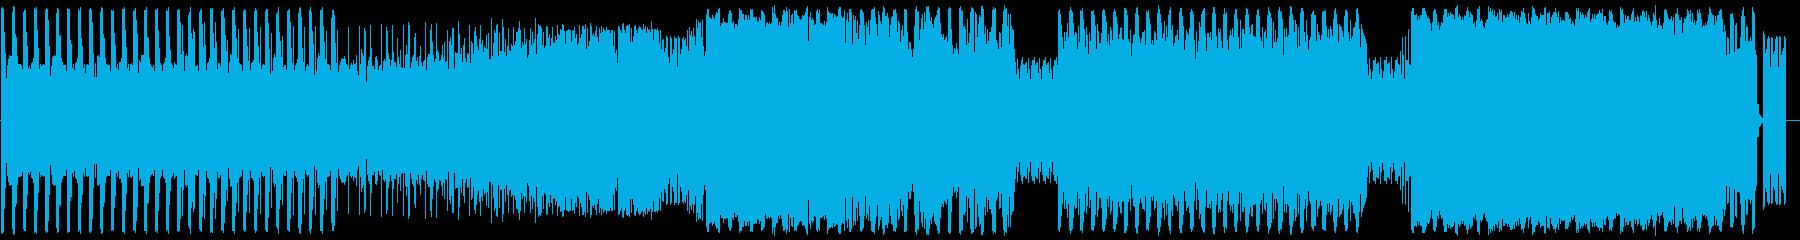 無機質なイメージのローファイテクノBGMの再生済みの波形